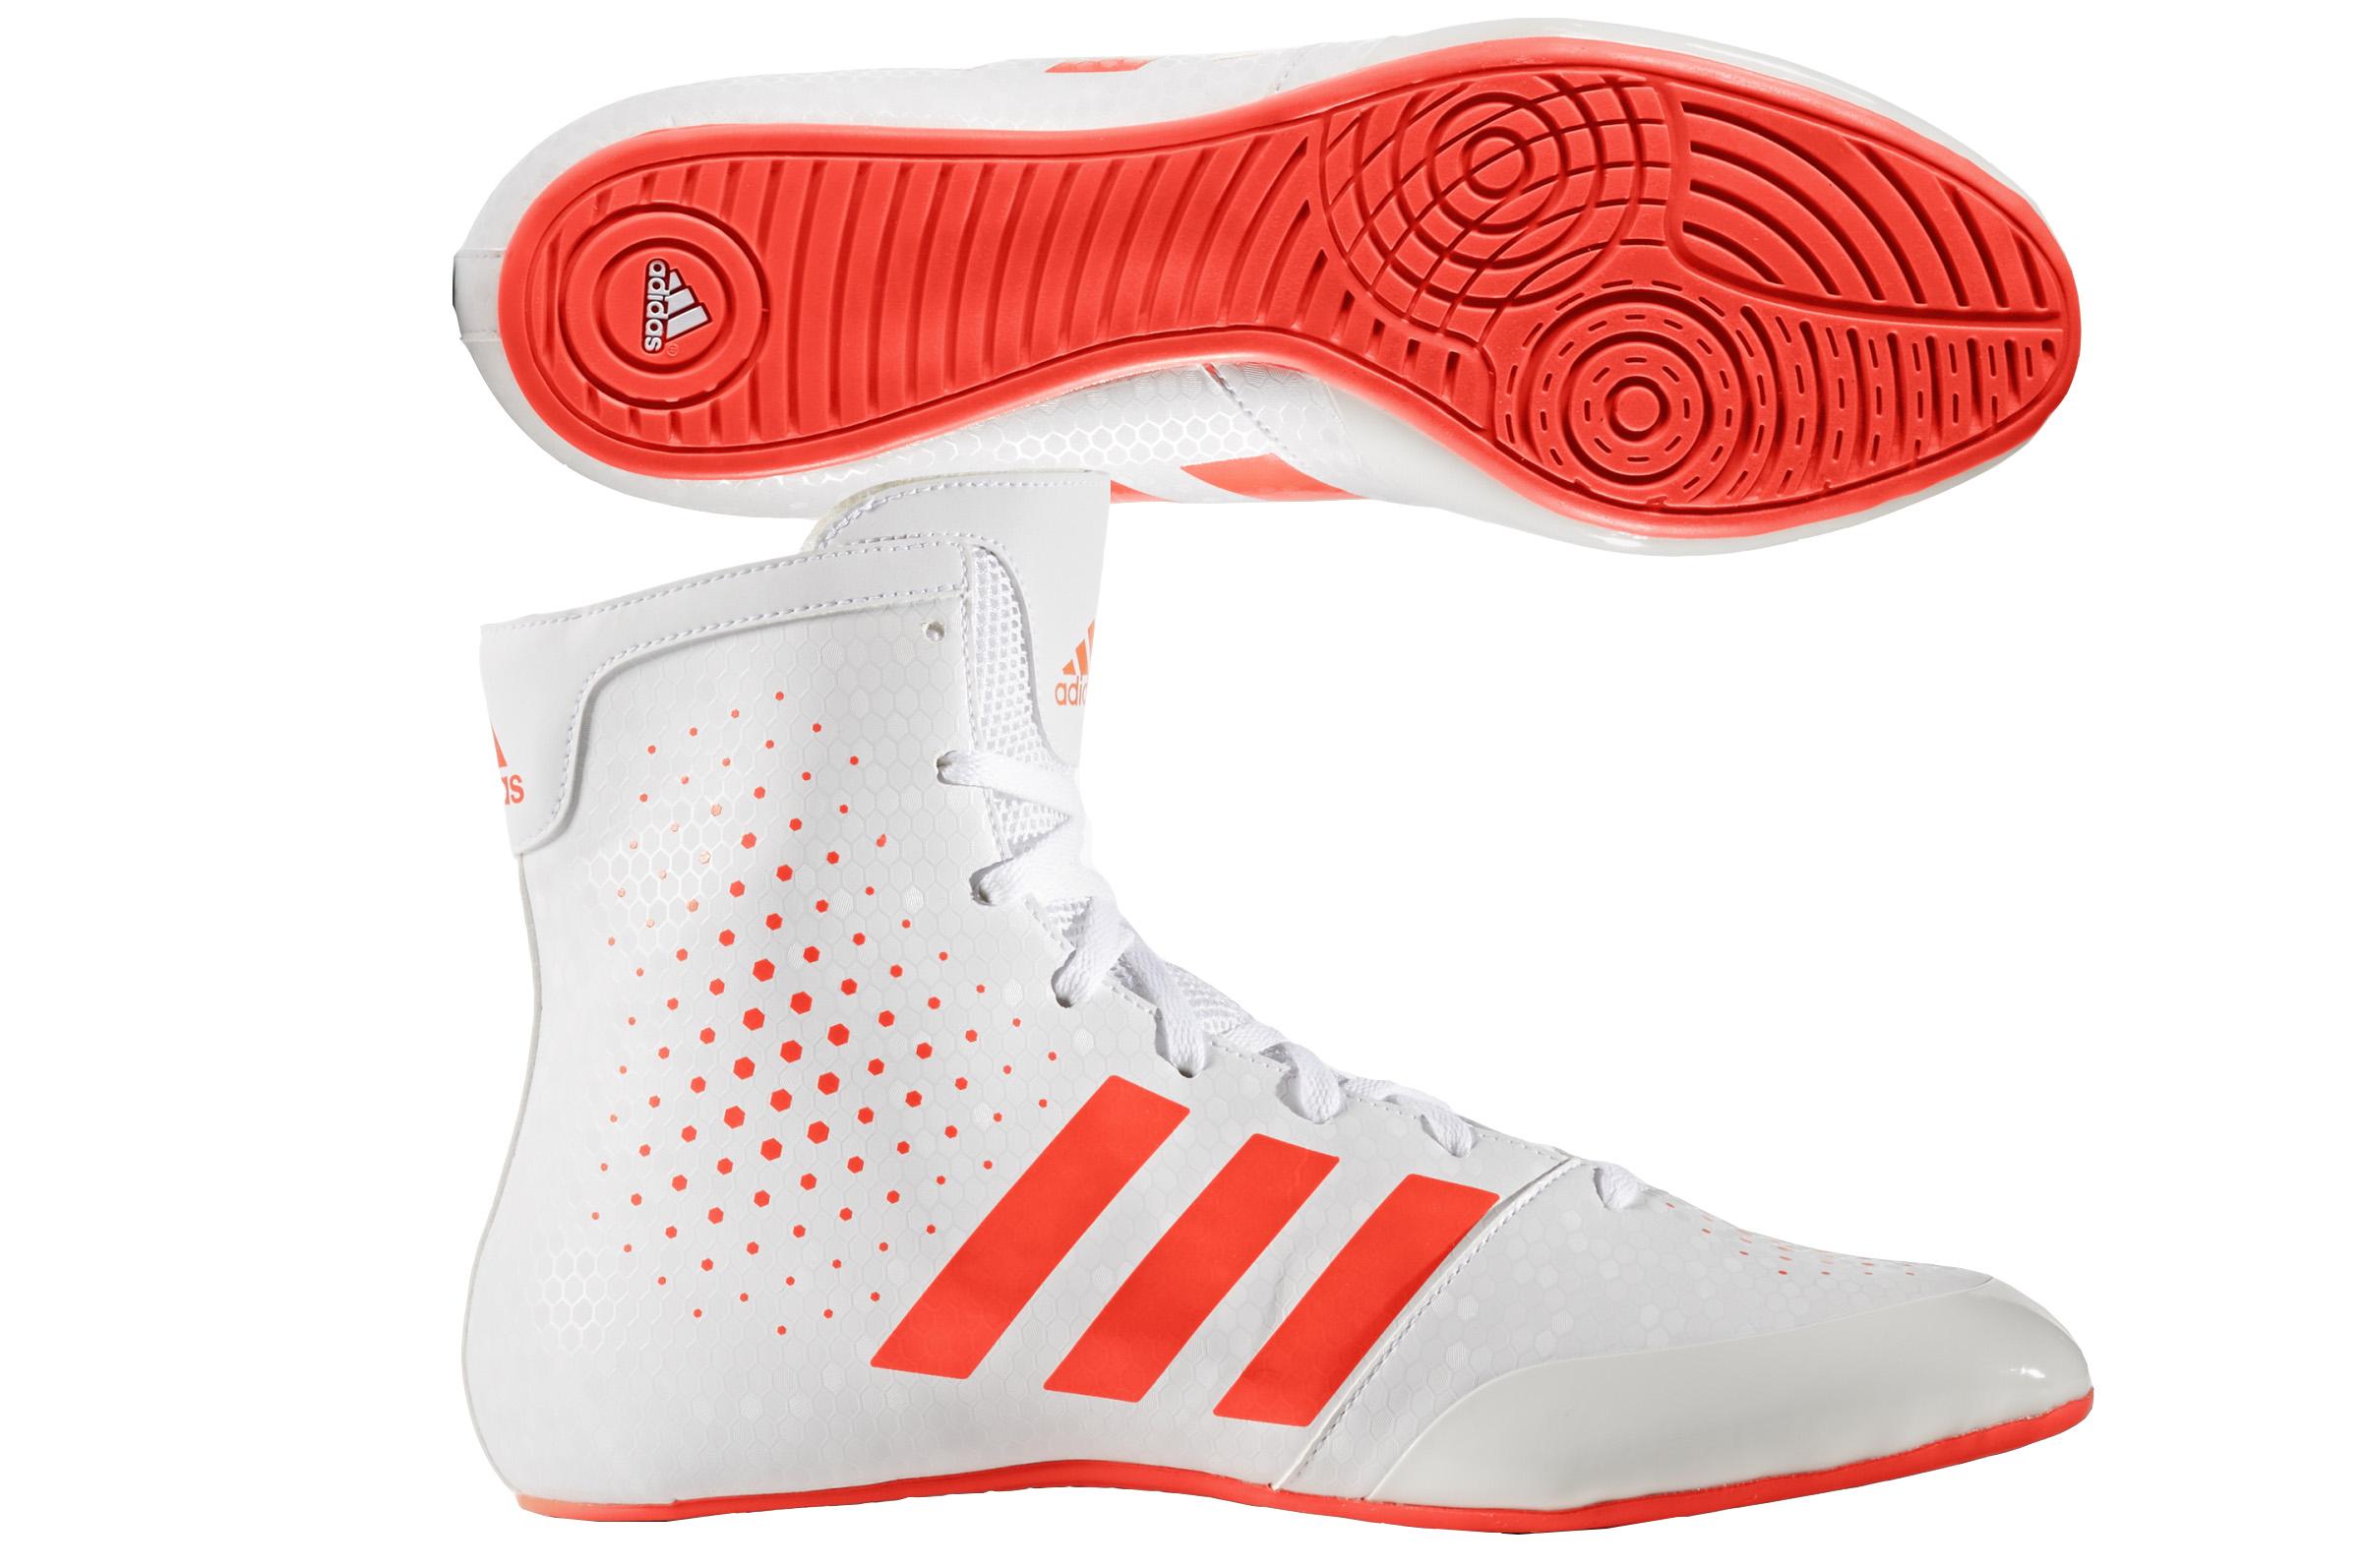 Adidas 2 Legend Shoes Déstock eu Dragonsports 16 Boxing Bb3733 Ko 1qPPHxT